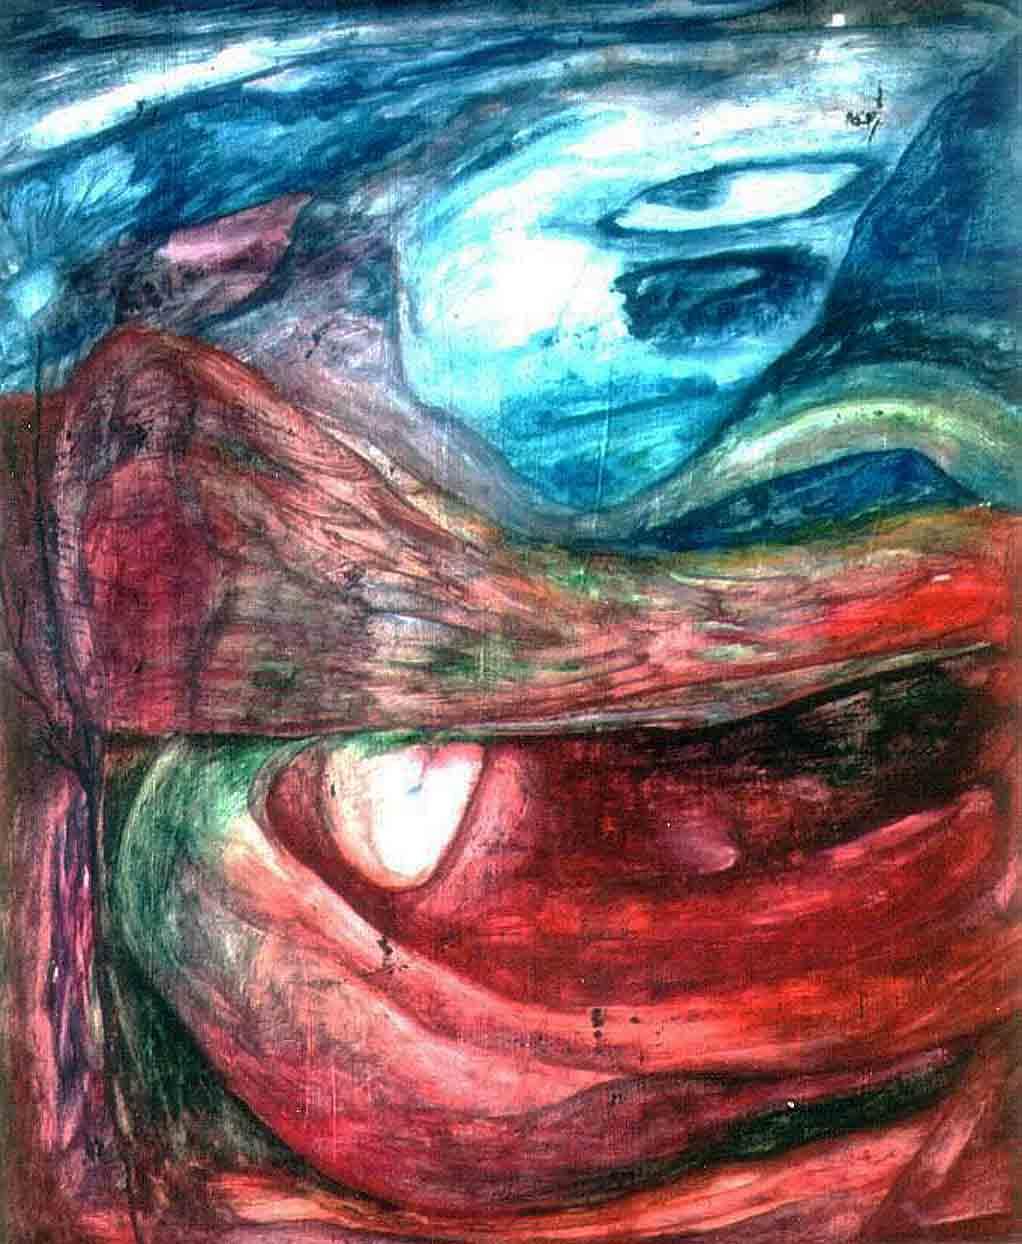 viajante-2001oleo-sobre-madeira-50-x-40-cm